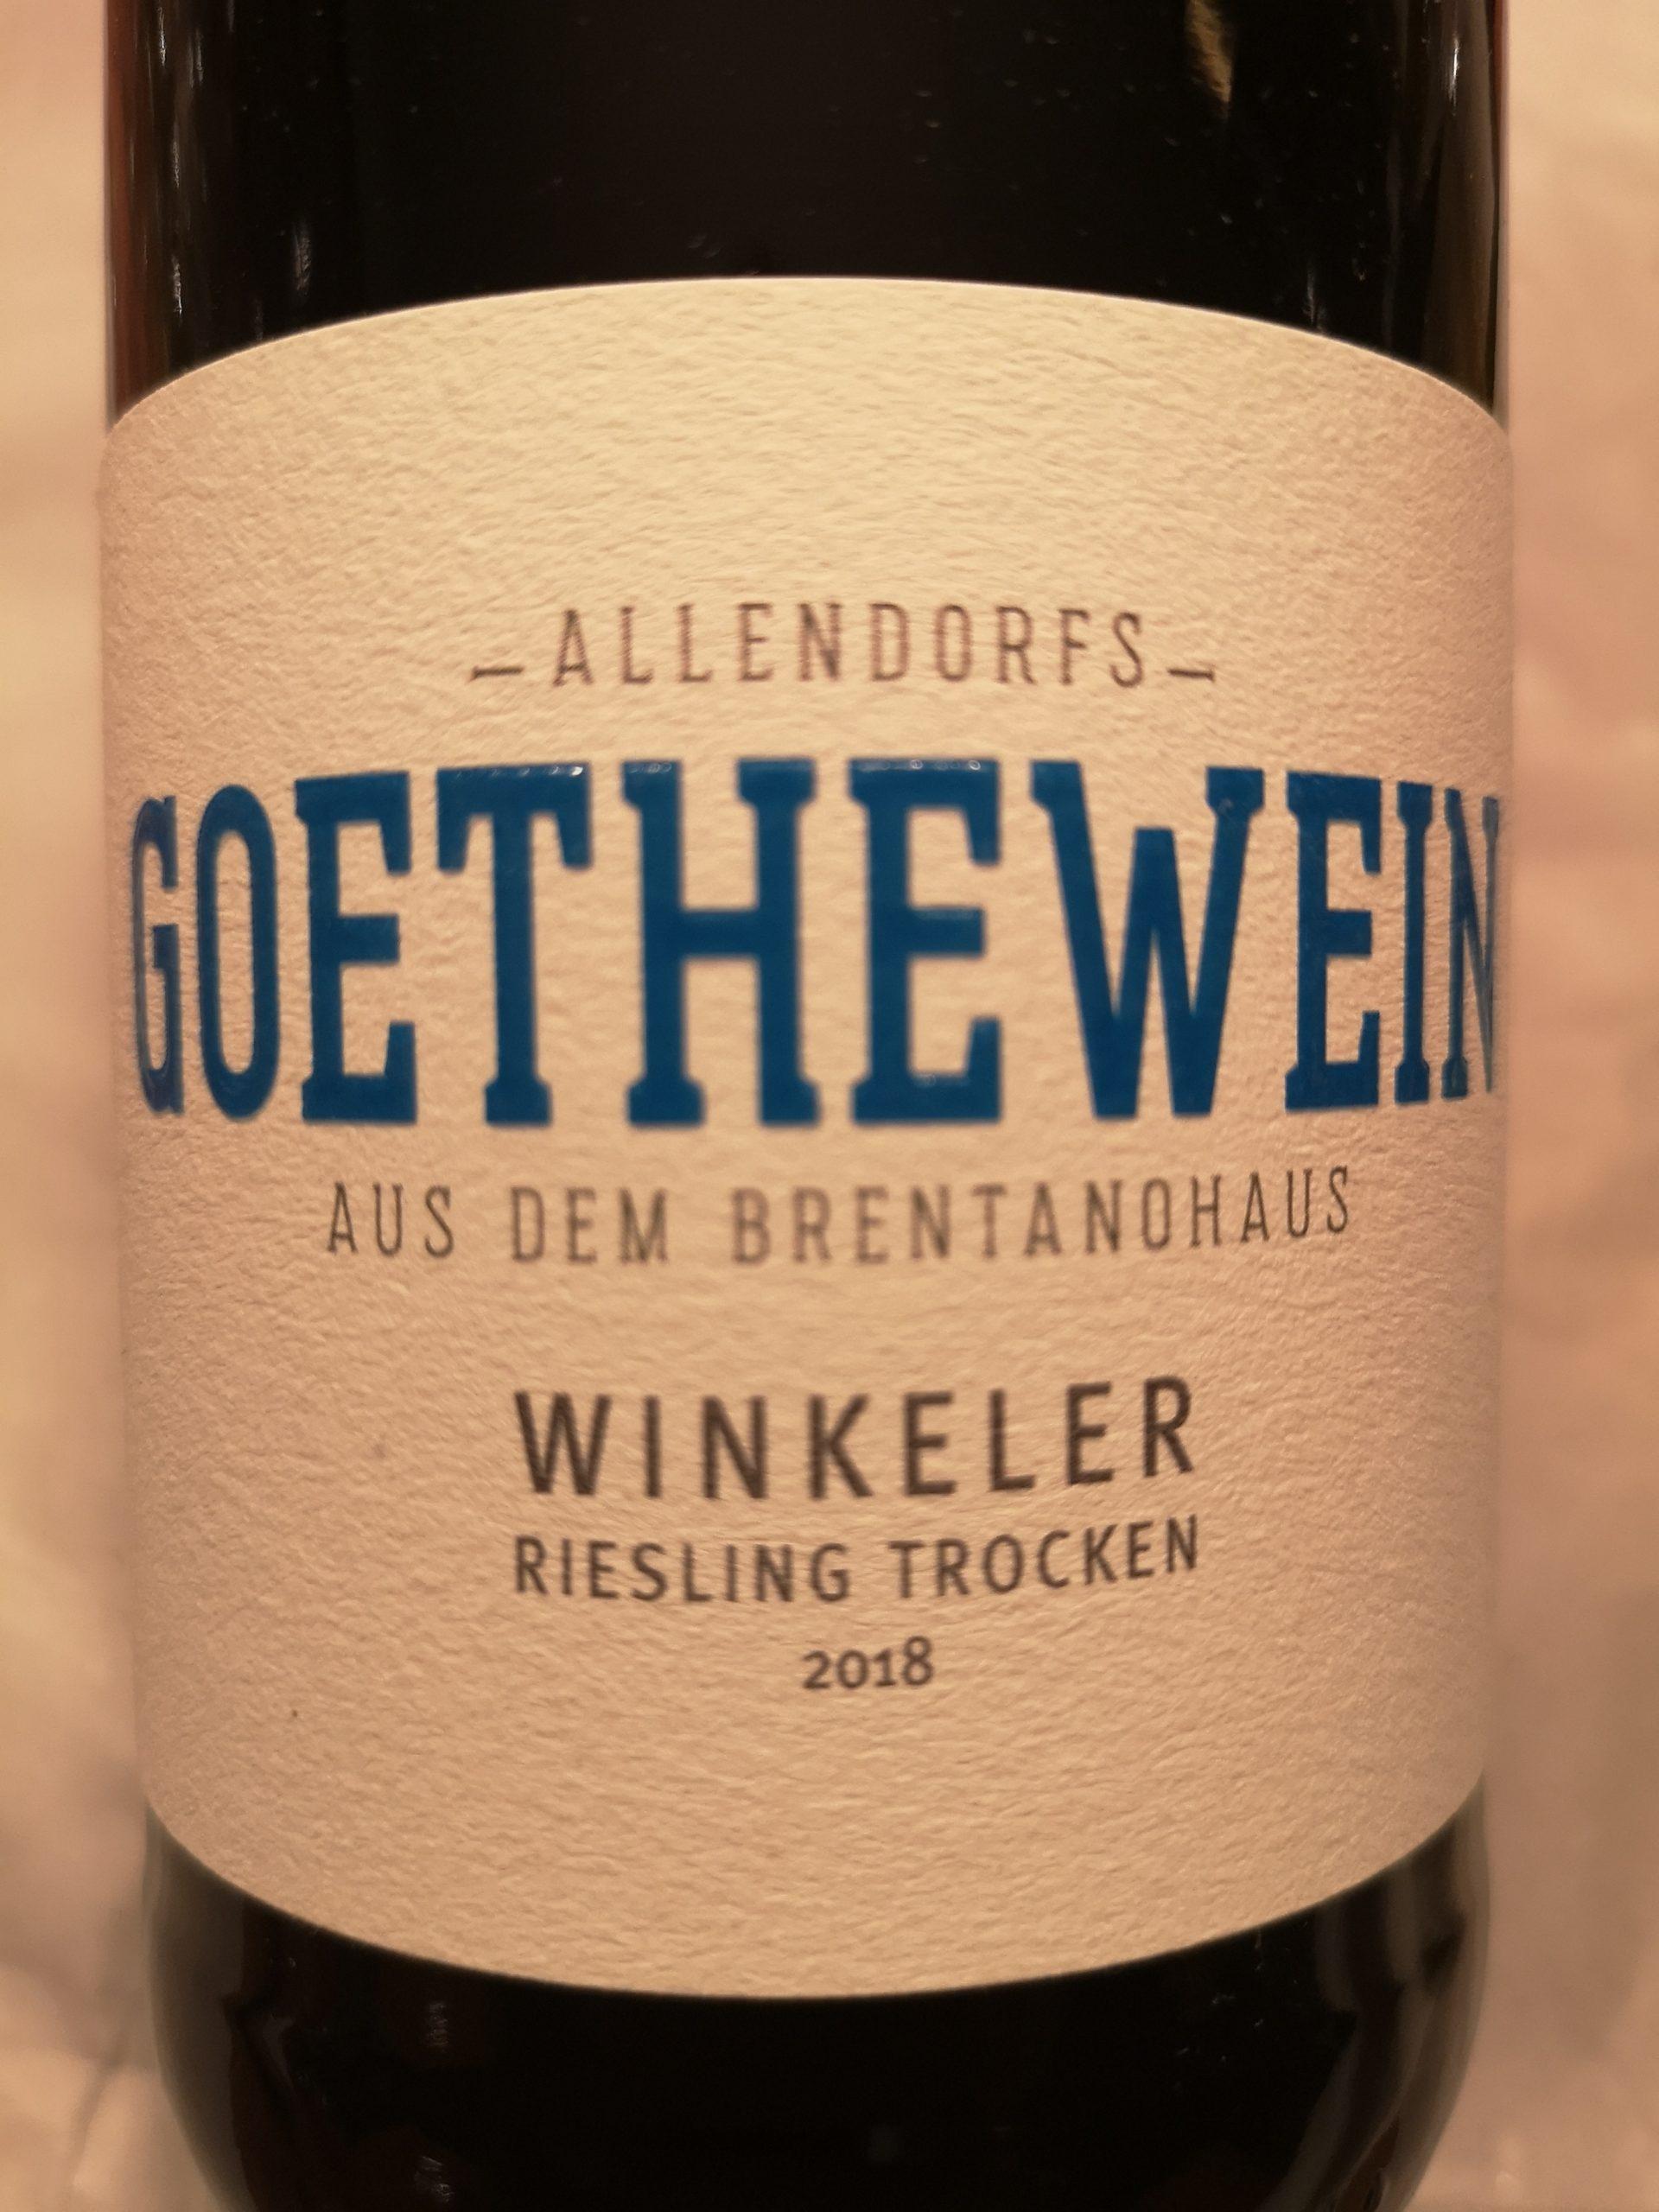 2018 Riesling Winkeler Goethewein | Allendorf